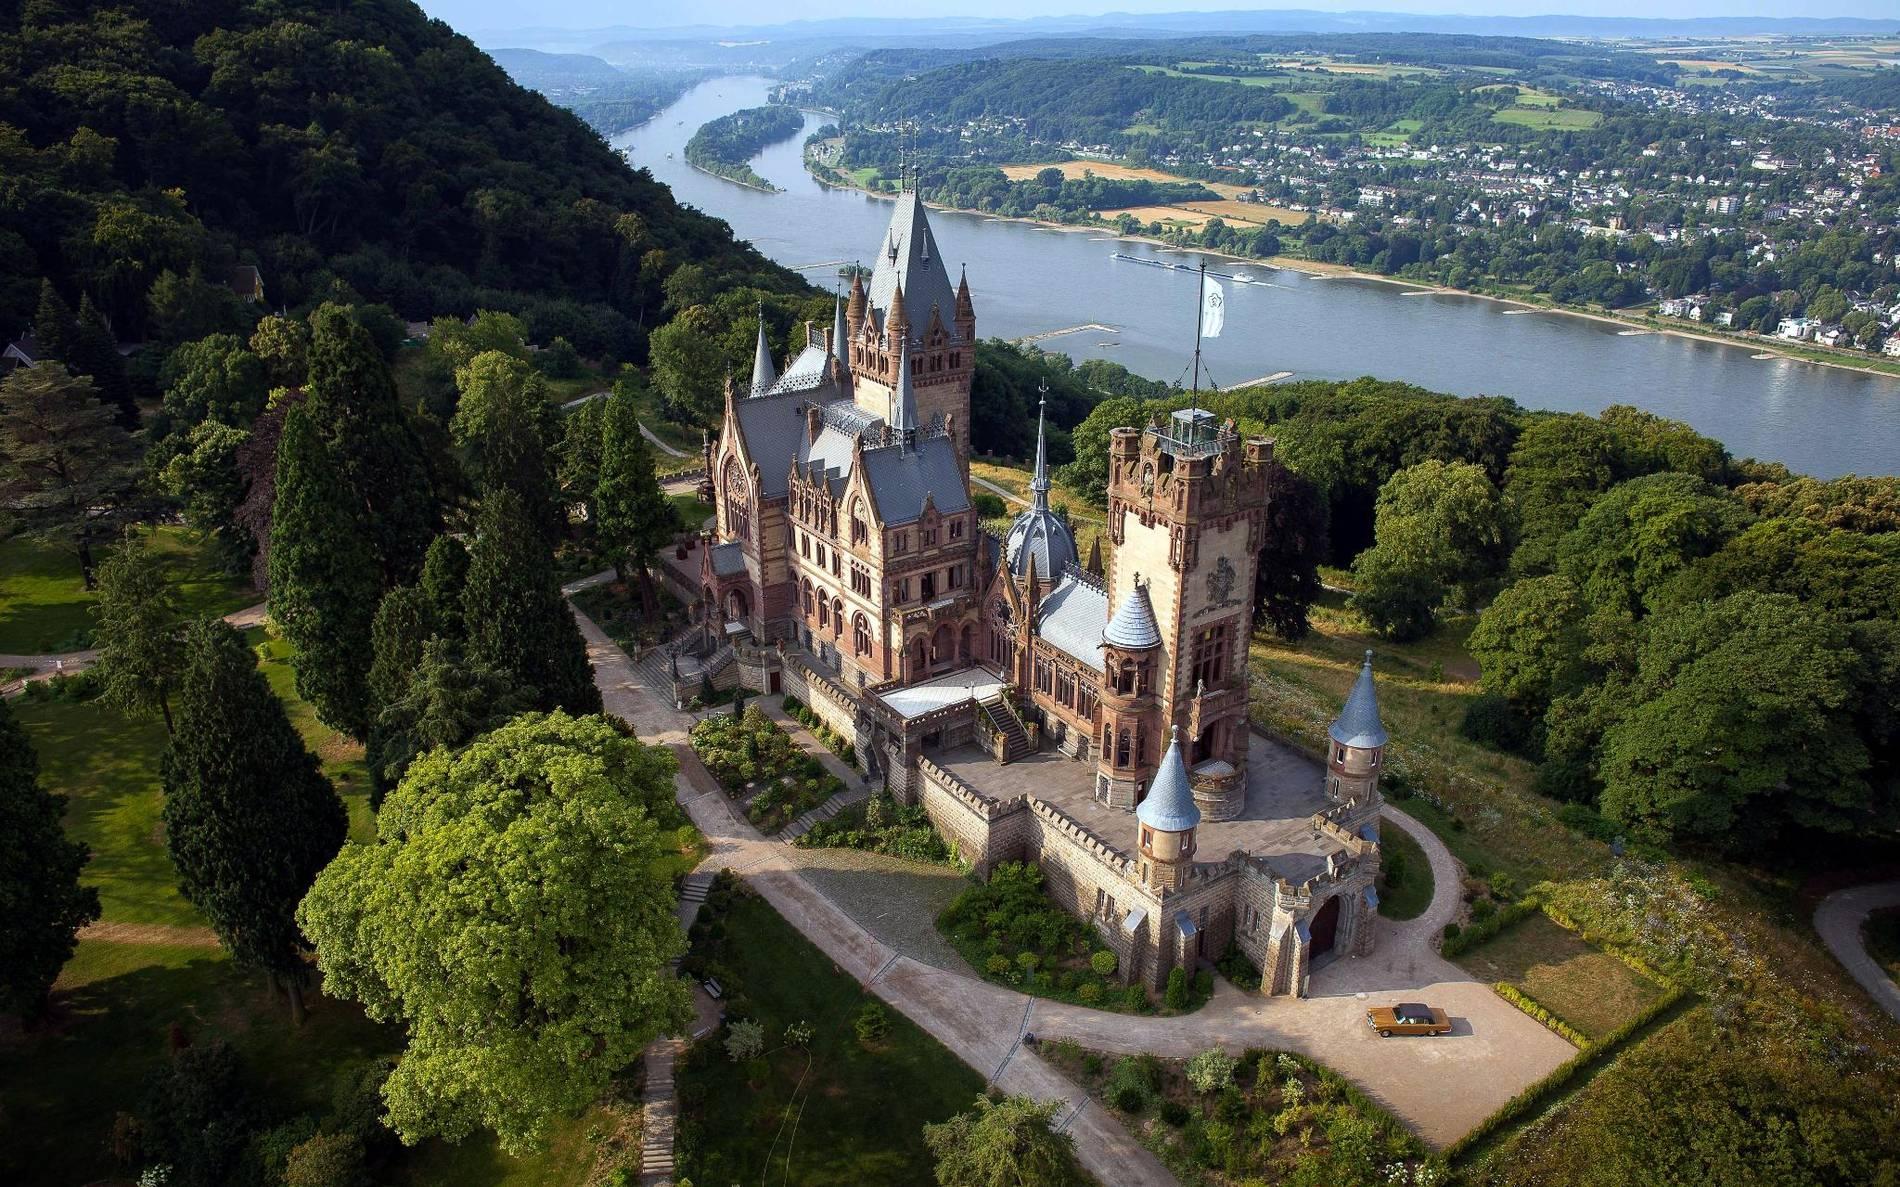 Blick hinter verschlossene Türen: Virtueller Rundgang zeigt 3D-Modell von  Schloss Drachenburg